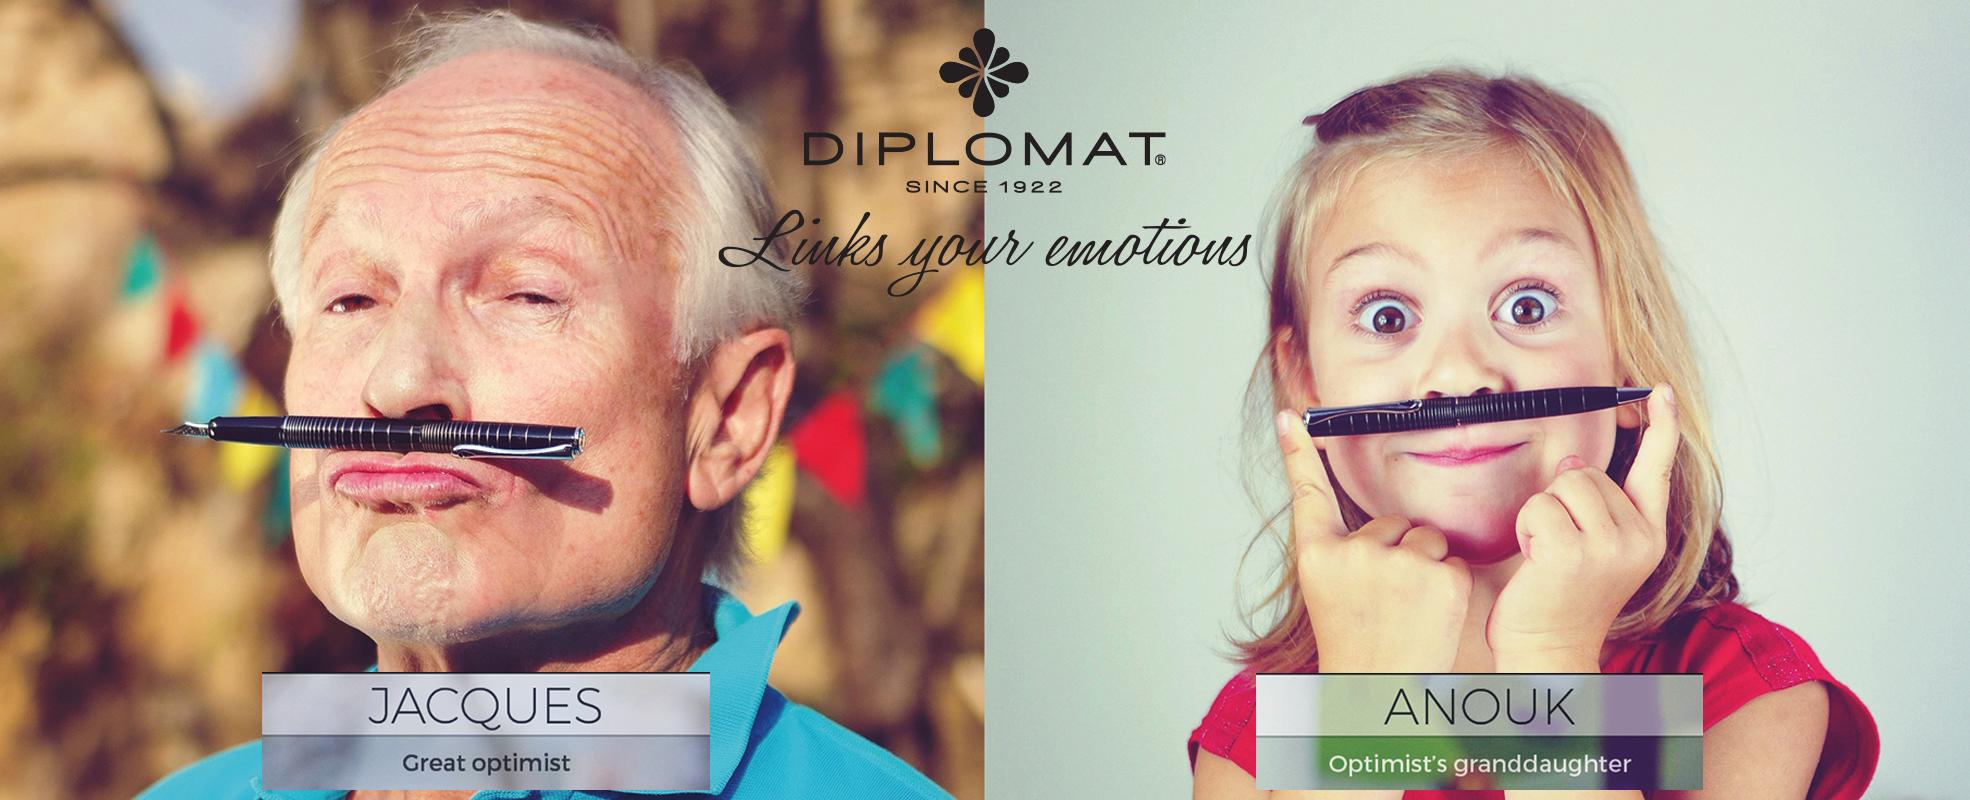 diplomat-banner-new-1.jpg